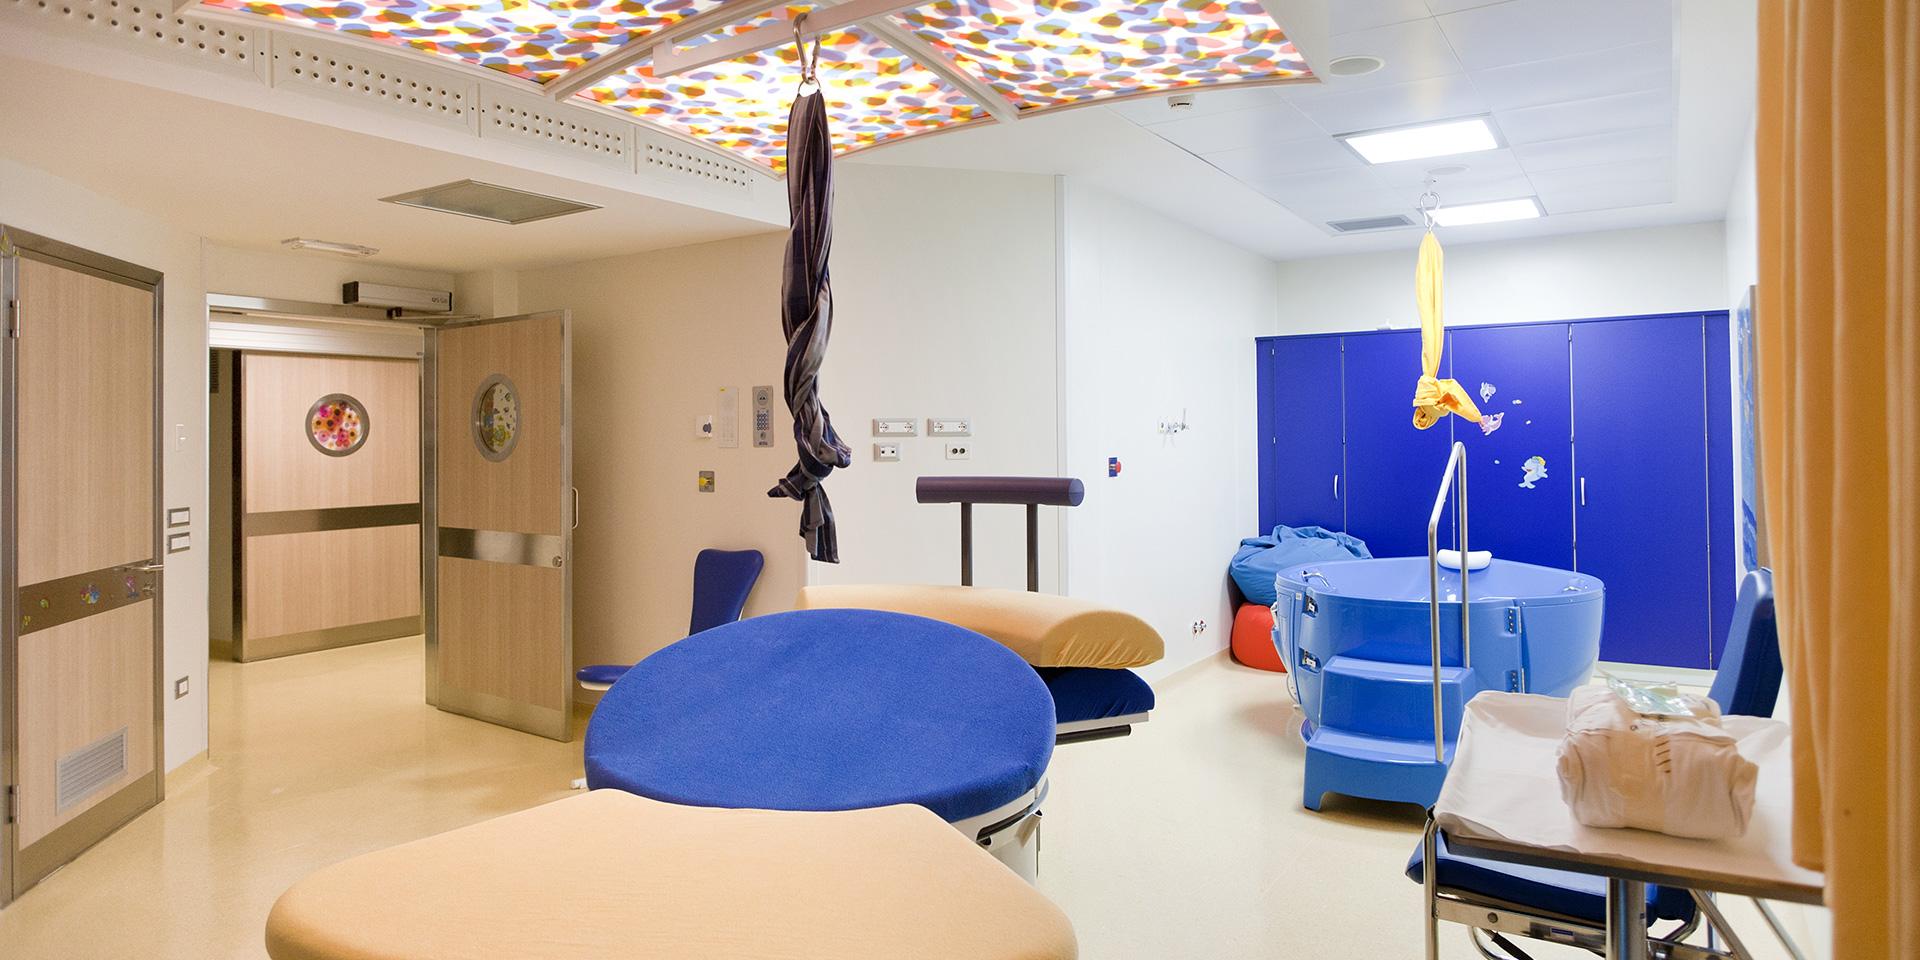 Ospedale E. Franchini di Montecchio Emilia, Binini Partners, Società di architettura e ingegneria